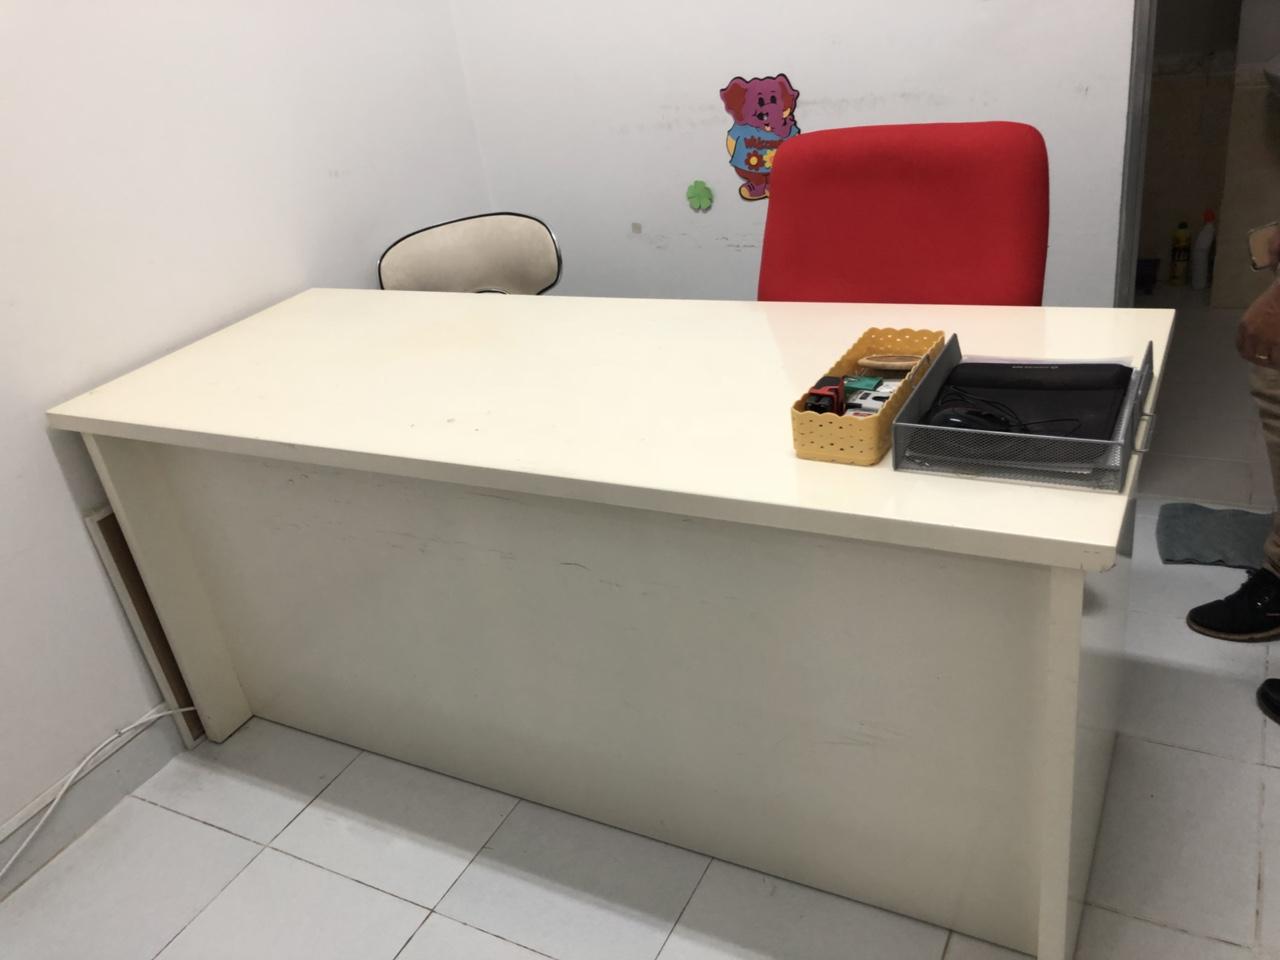 Thu mua bàn ghế văn phòng cũ tại quận 5